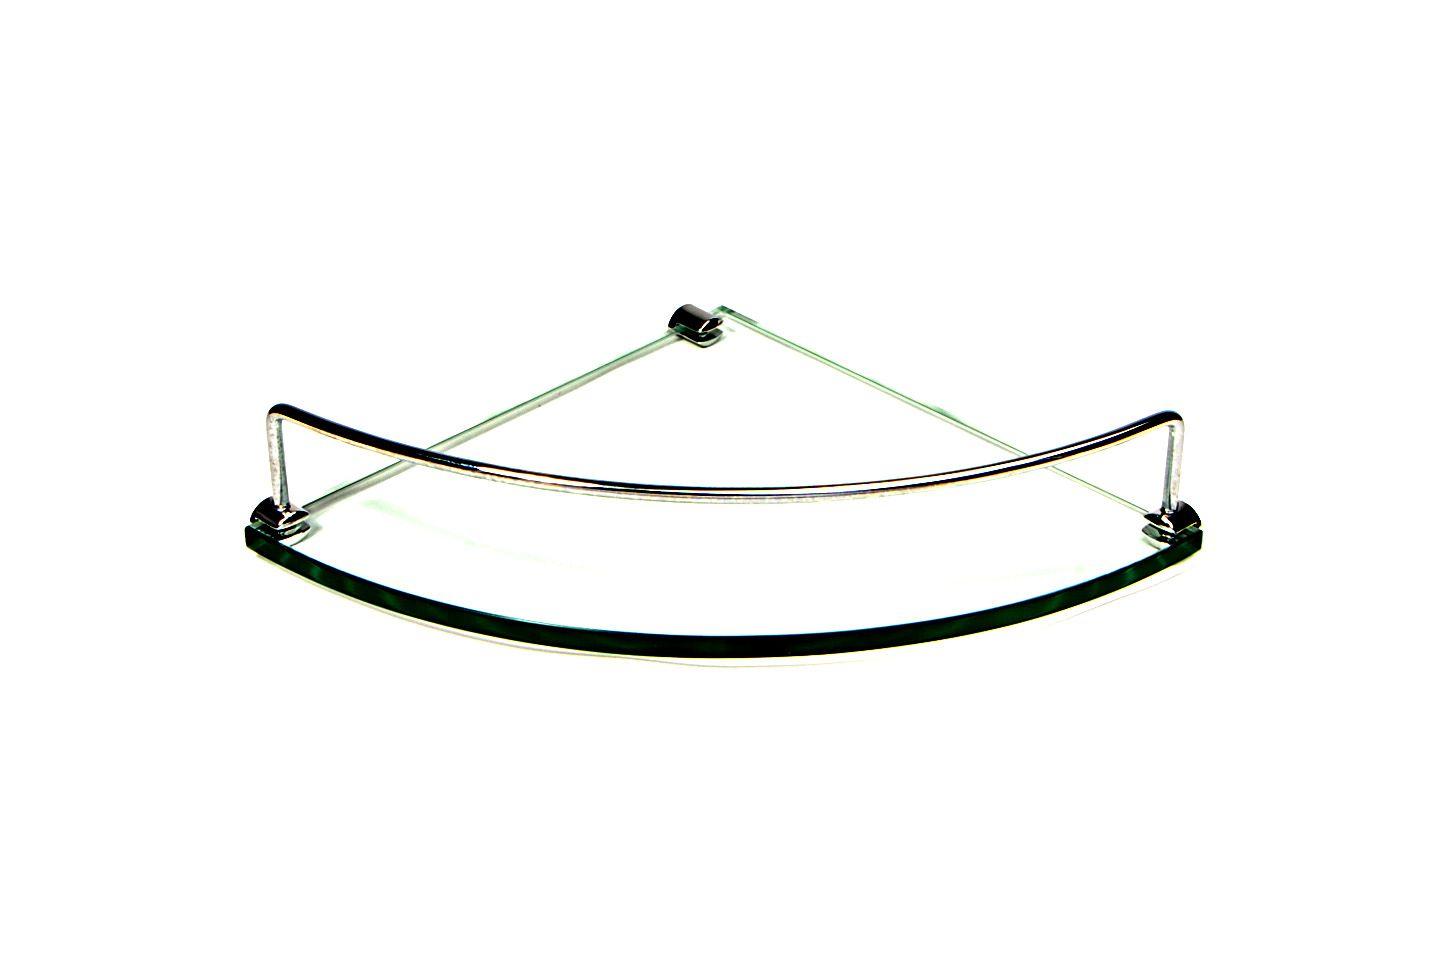 Porta Shampoo Aramado Canto Curvo em Vidro Incolor Lapidado - Aquabox - 25cmx25cmx10mm